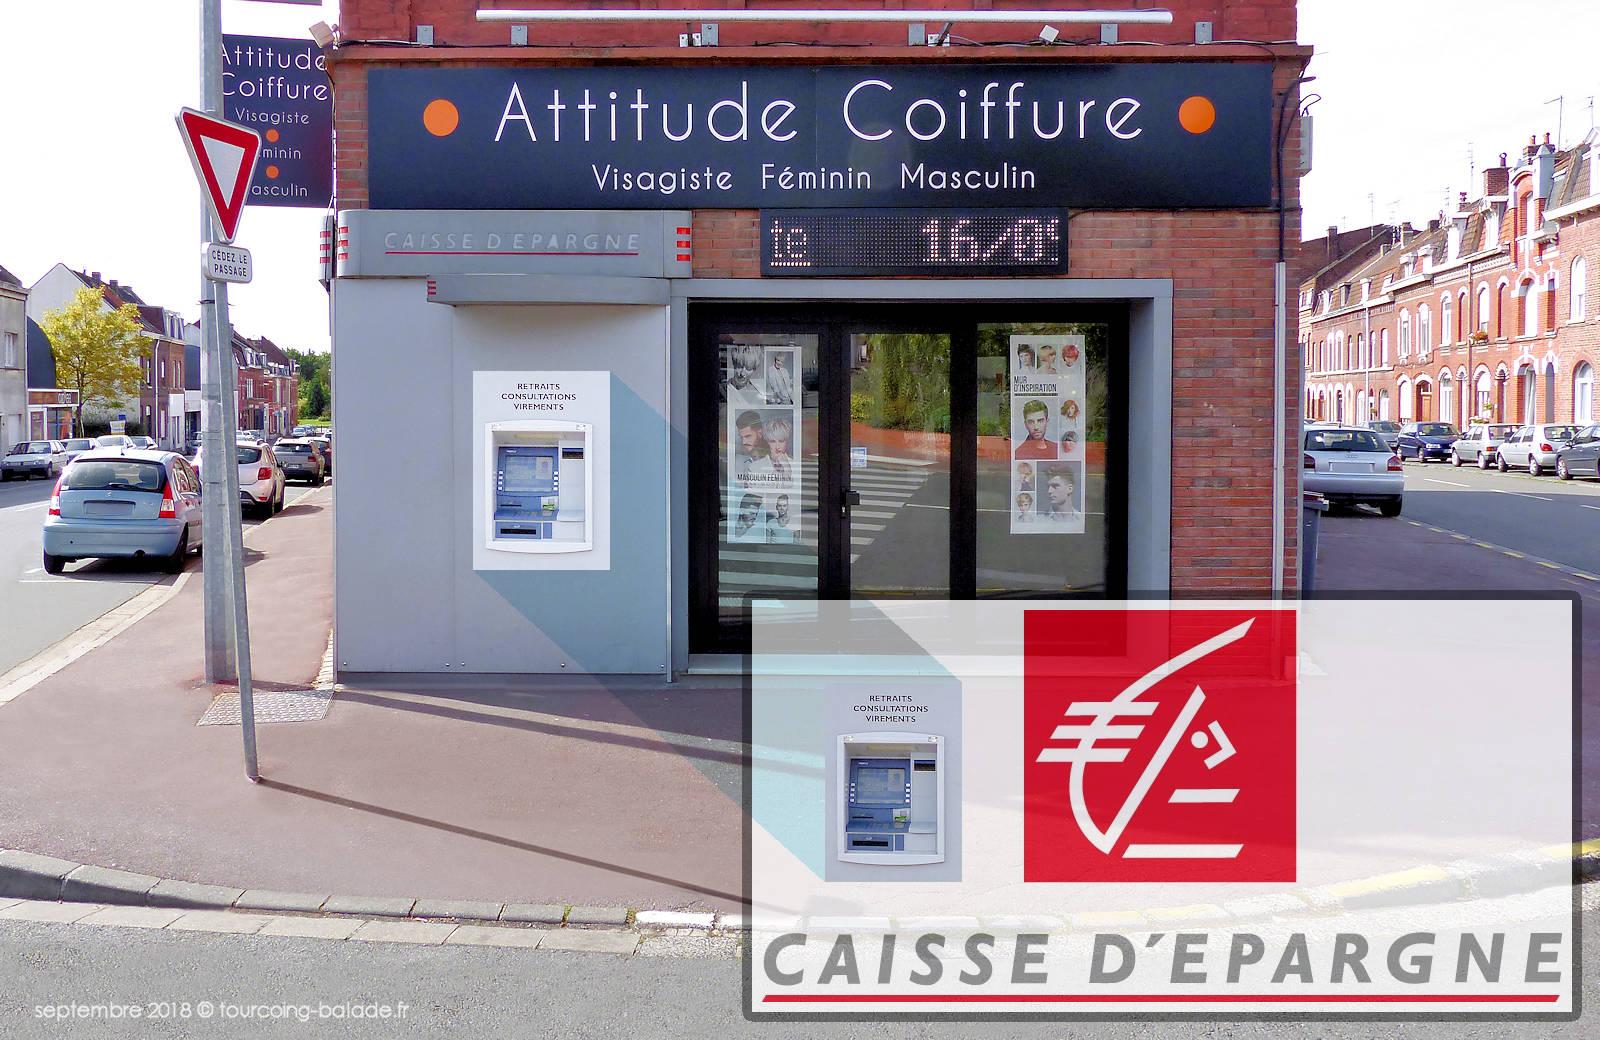 Distributeur Caisse d'épargne - Tourcoing rue de la Vigne